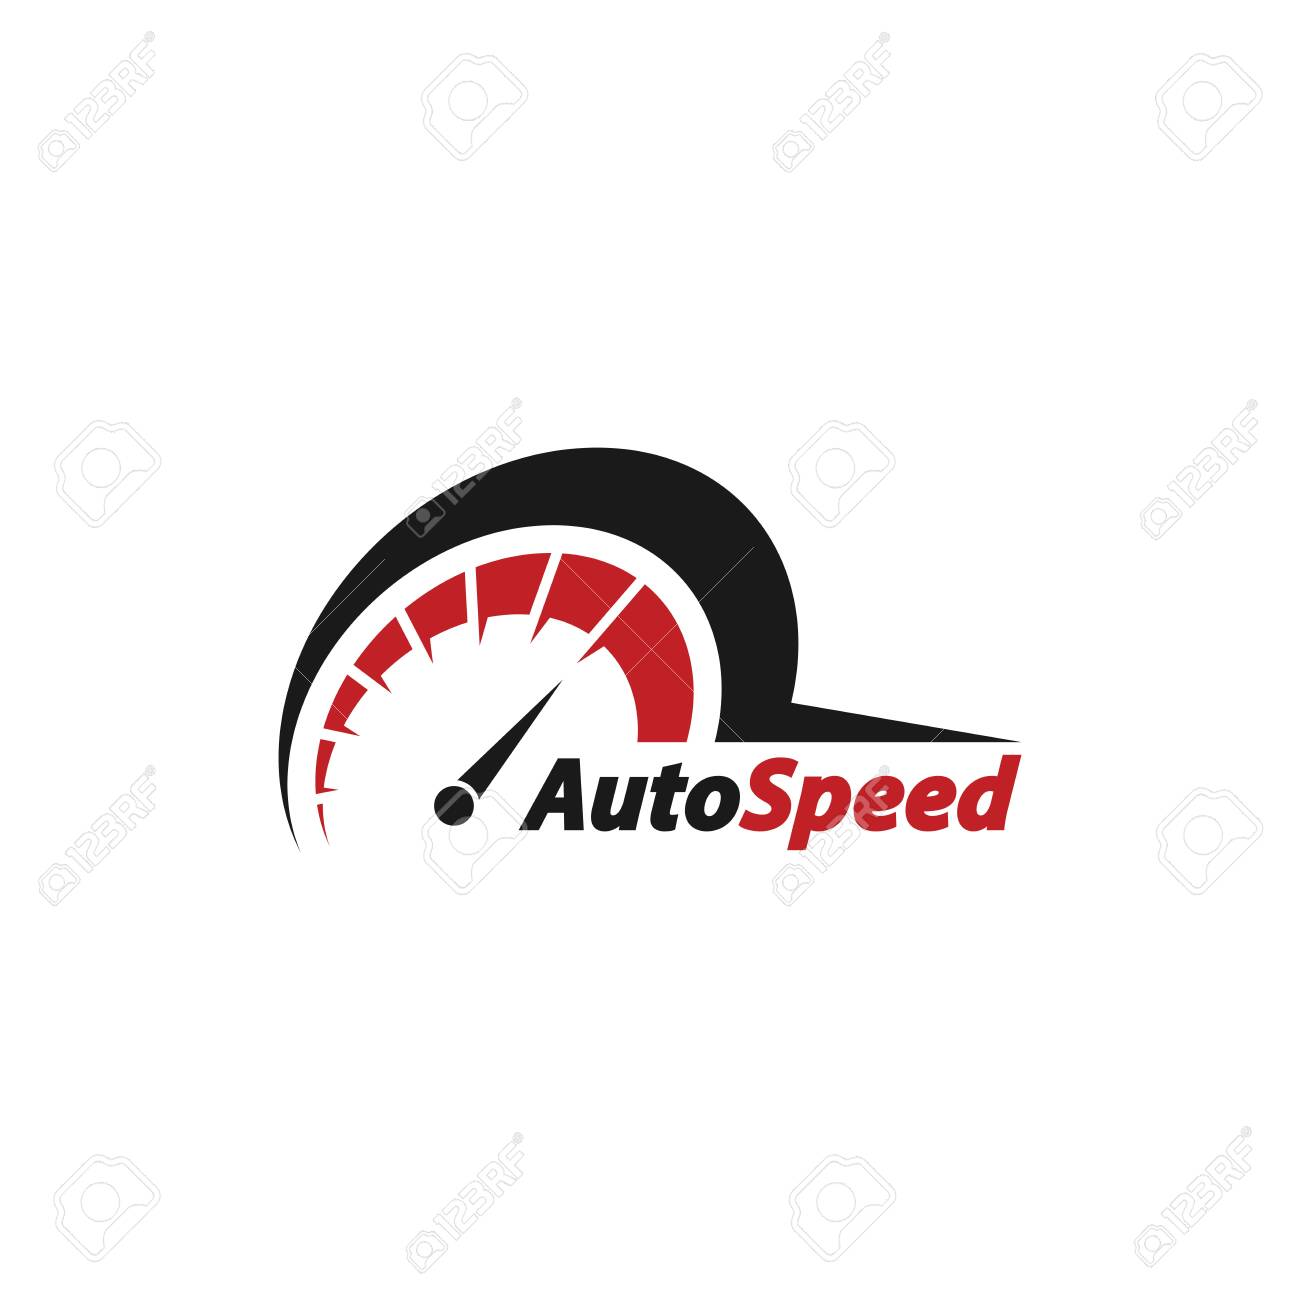 Auto speed logo vector Illustration - 149402483